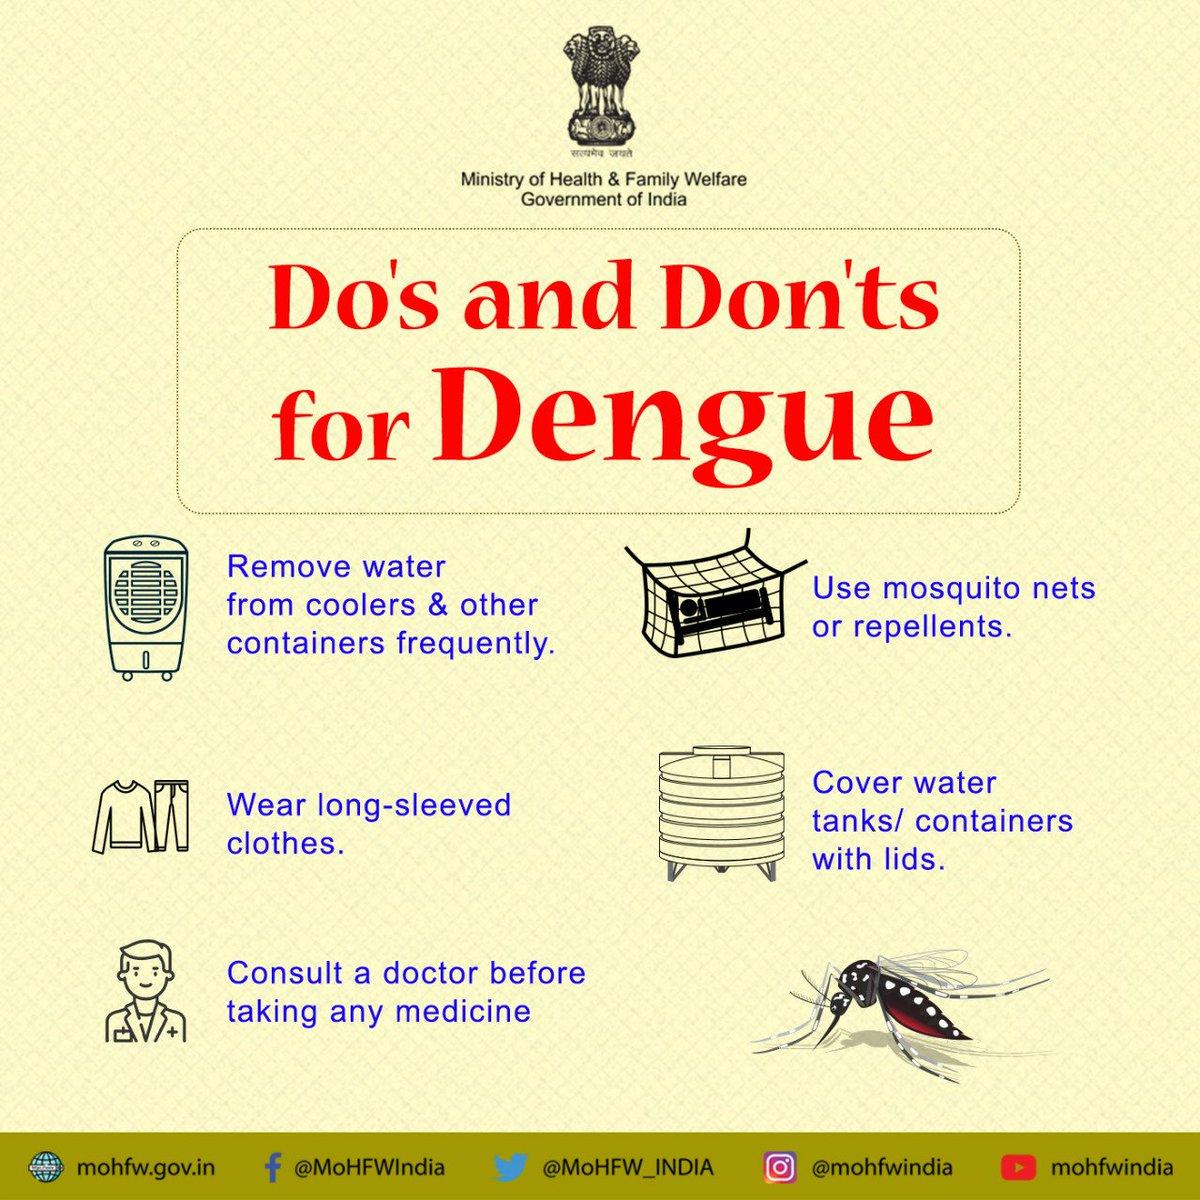 #COVID19 के चलते डेंगू को अनदेखा न करे।  इसकी रोकथाम संभव है। कुछ आसान से उपायों को अपनाकर, करें डेंगू से बचाव    #SwasthaBharat #TransformingHealth #Dengue https://t.co/CpsINanTew